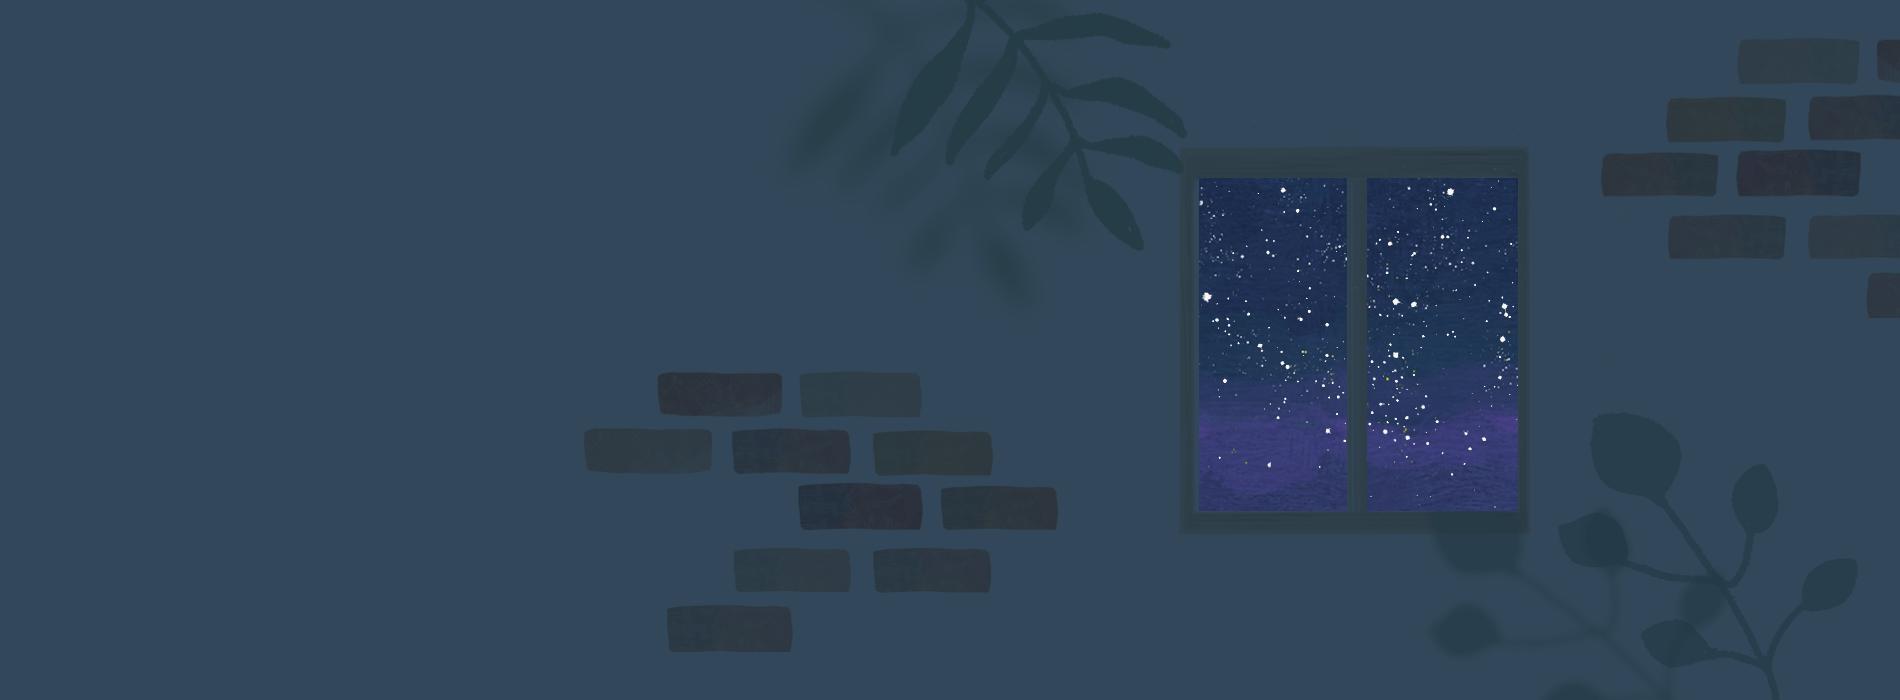 夜空が見える窓